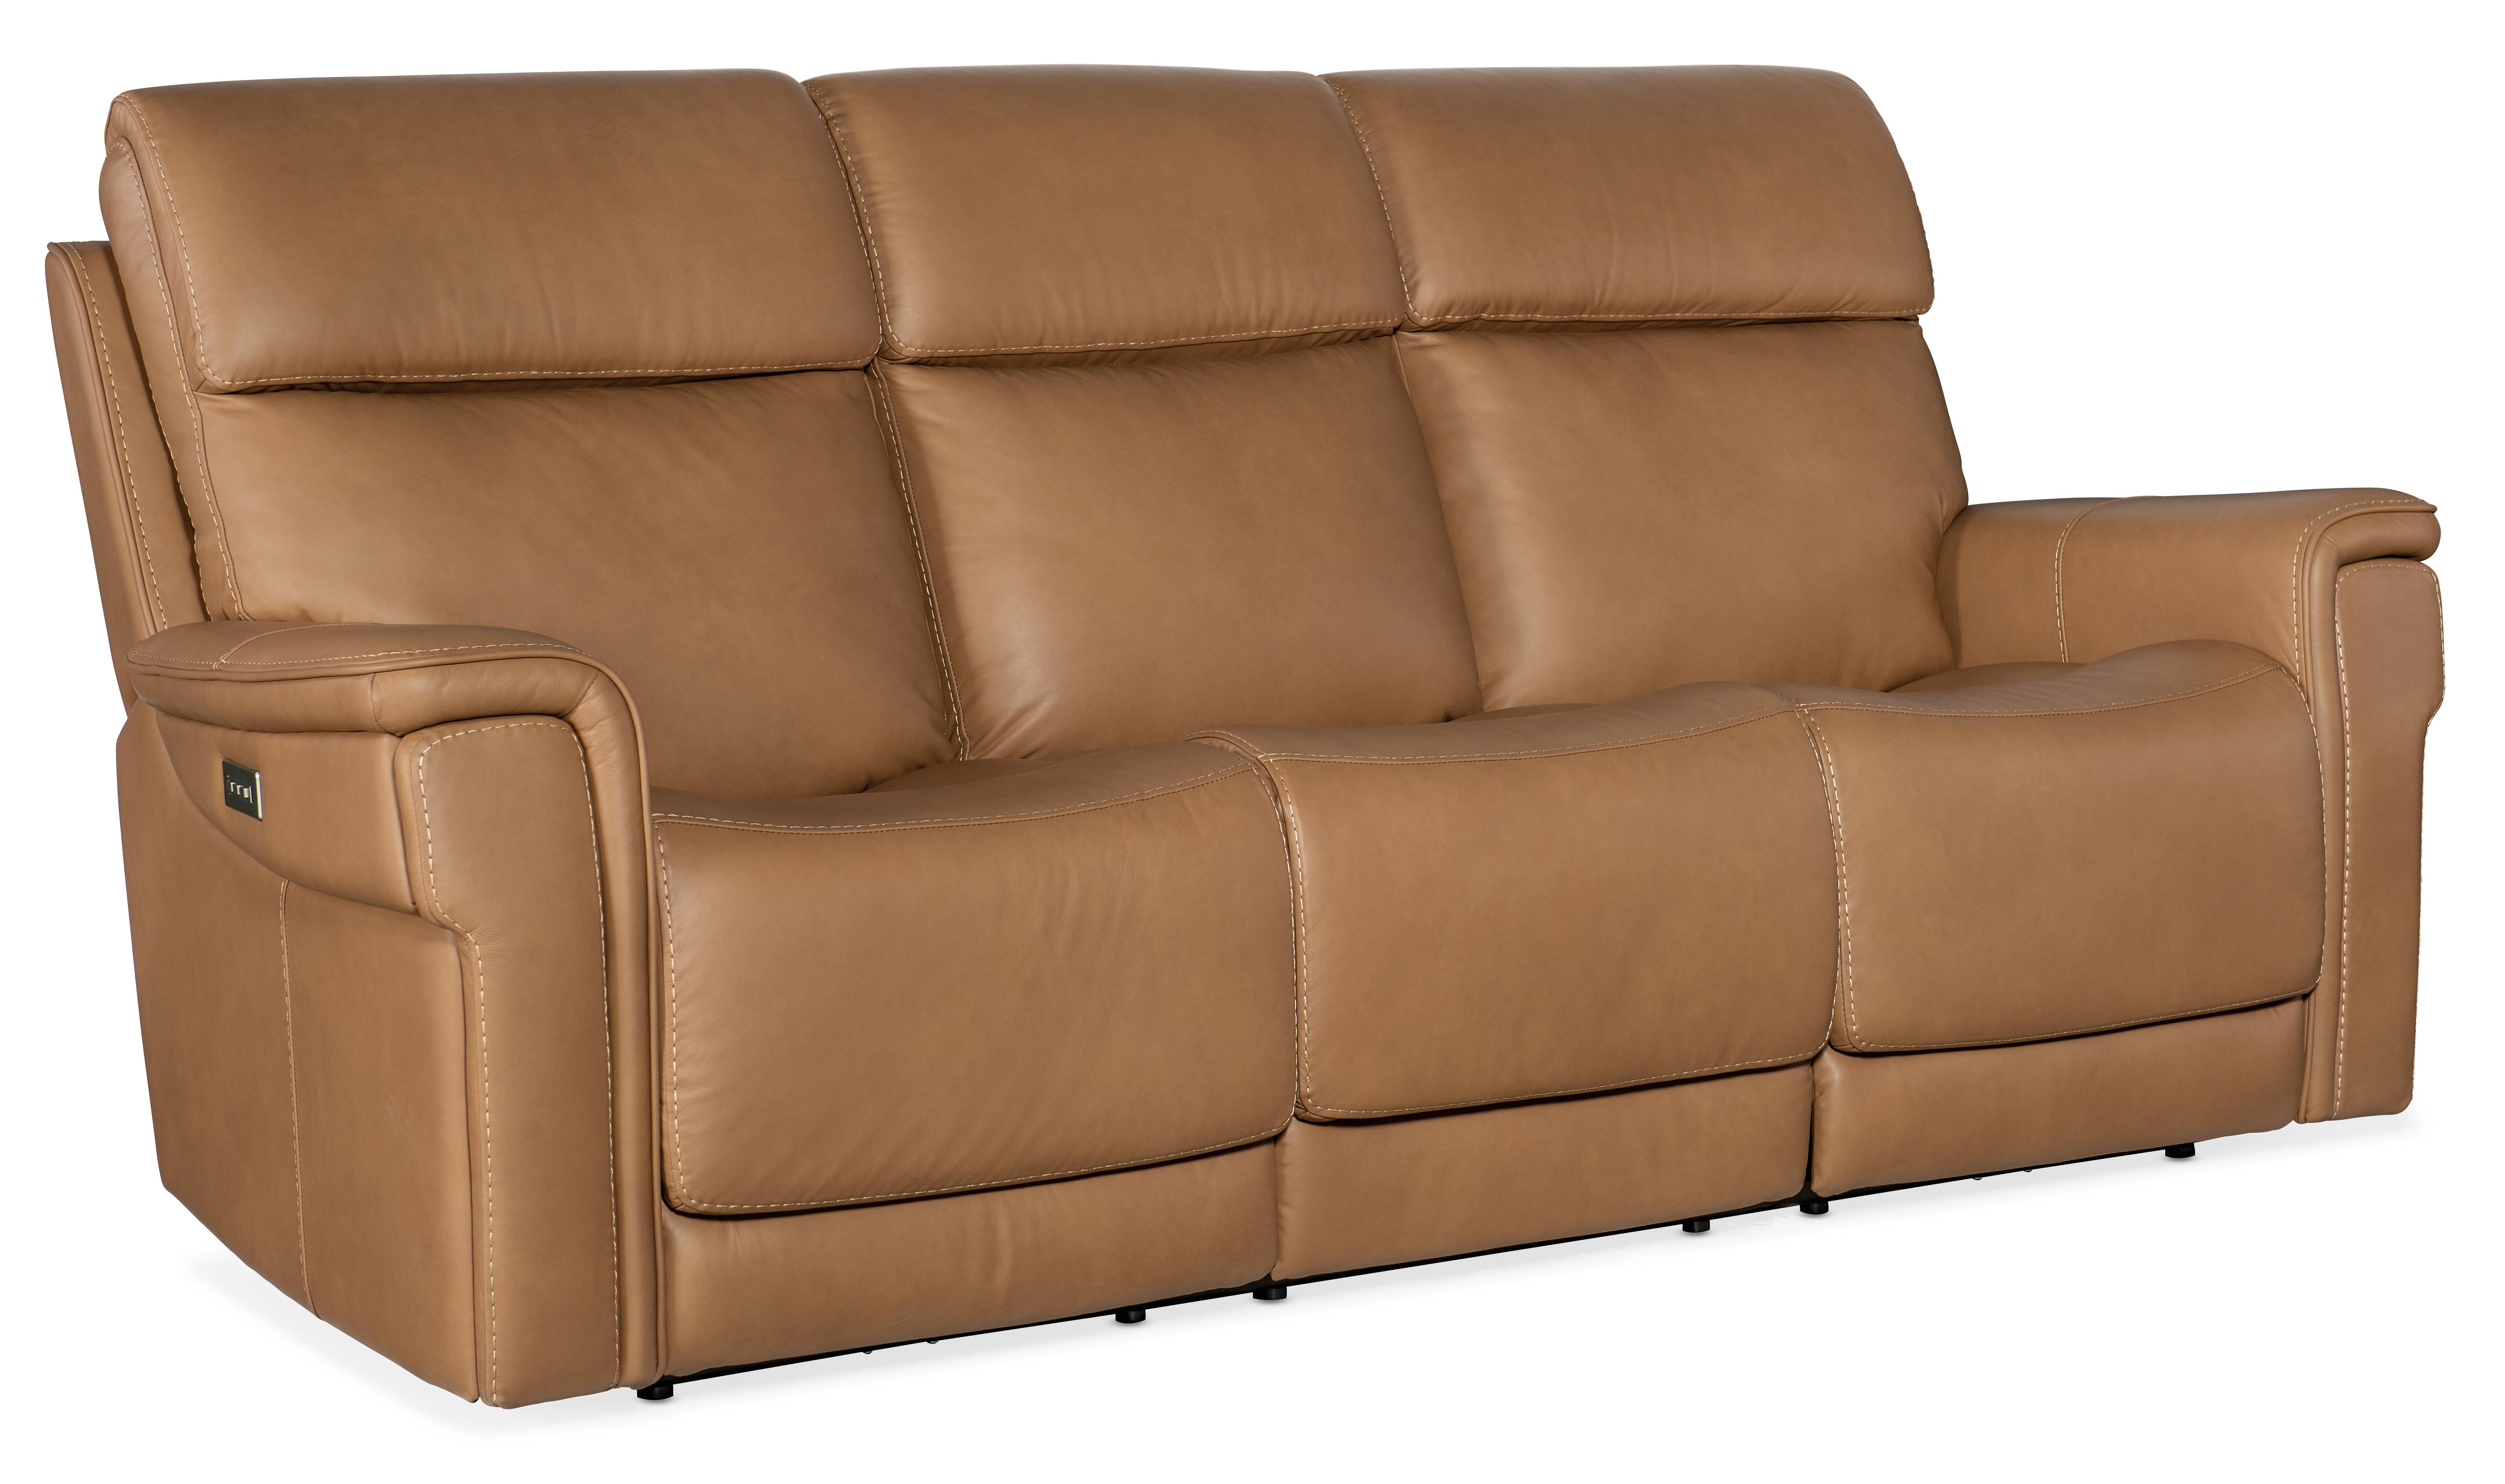 Zero Gravity Power Sofa